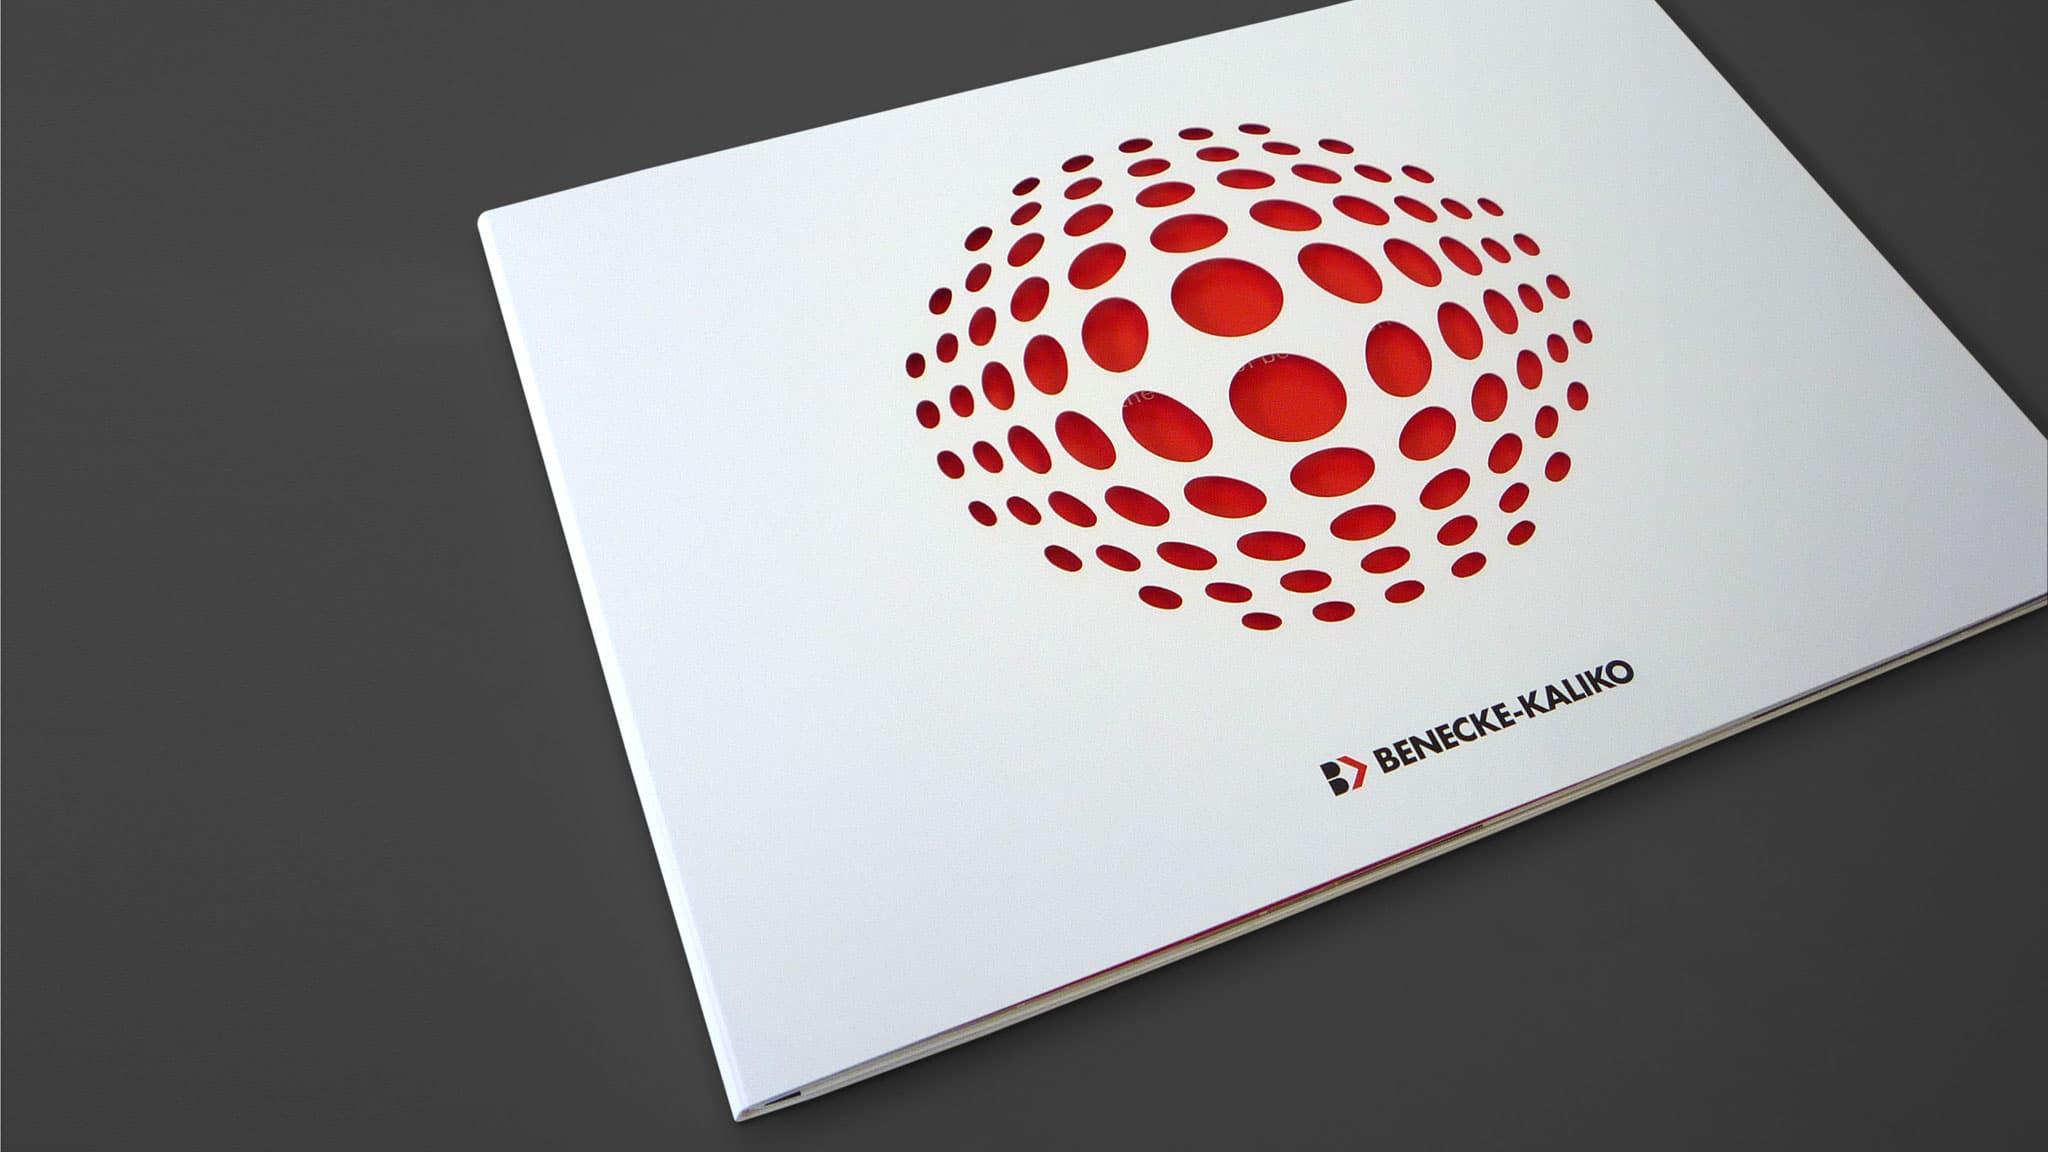 Titelstanze Imagebroschüre für Benecke Kaliko